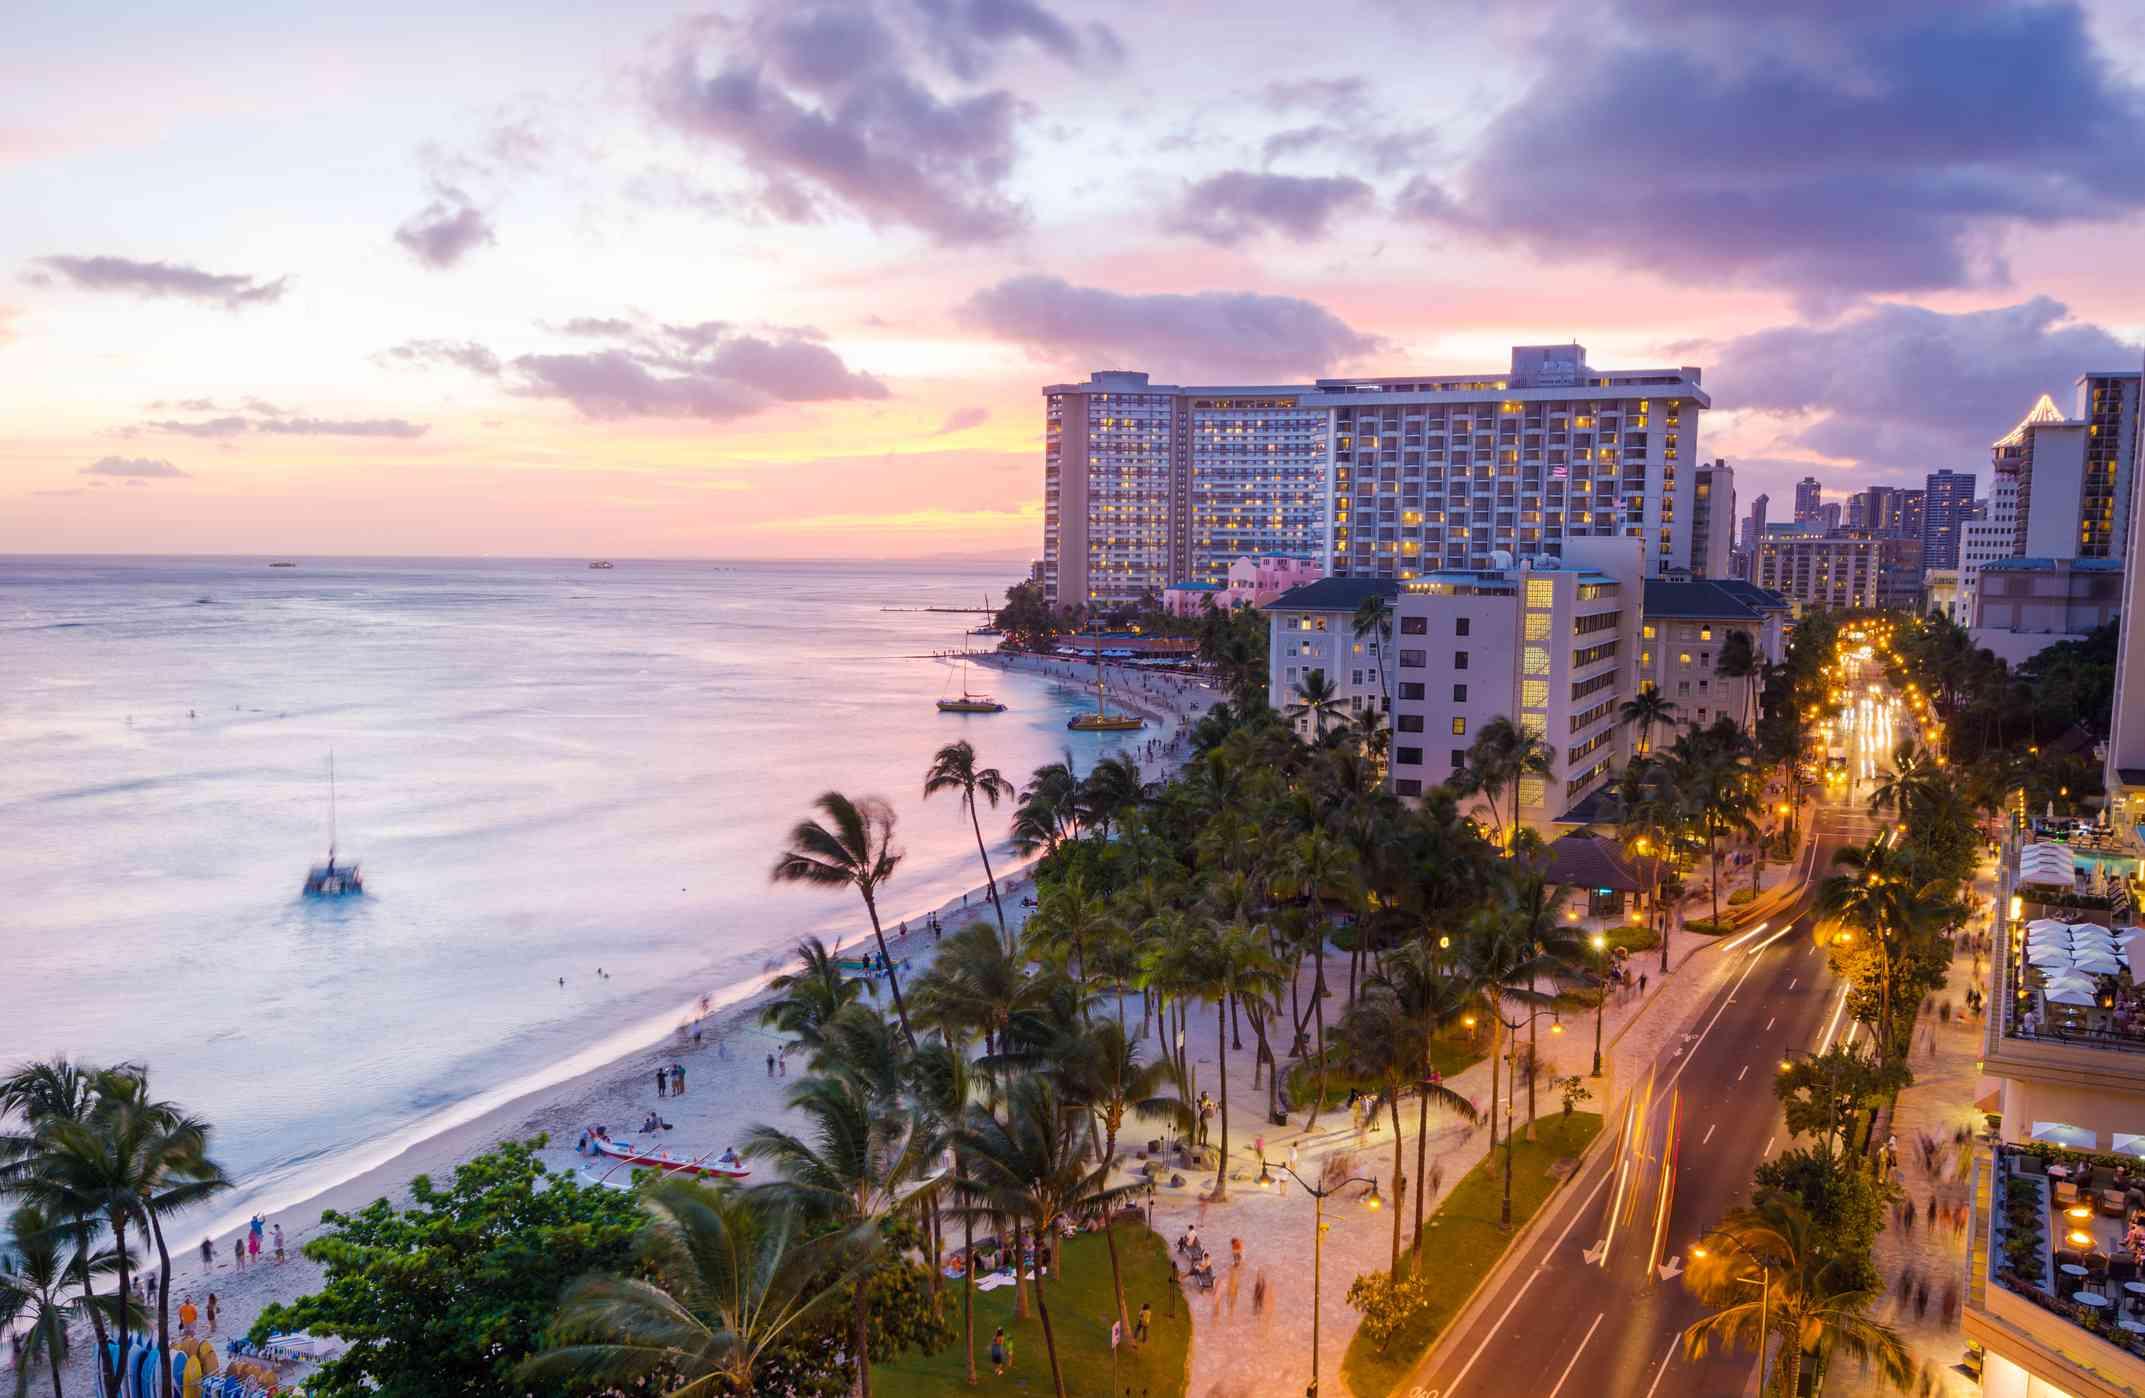 Kalakaua Avenue in Waikiki, Oahu